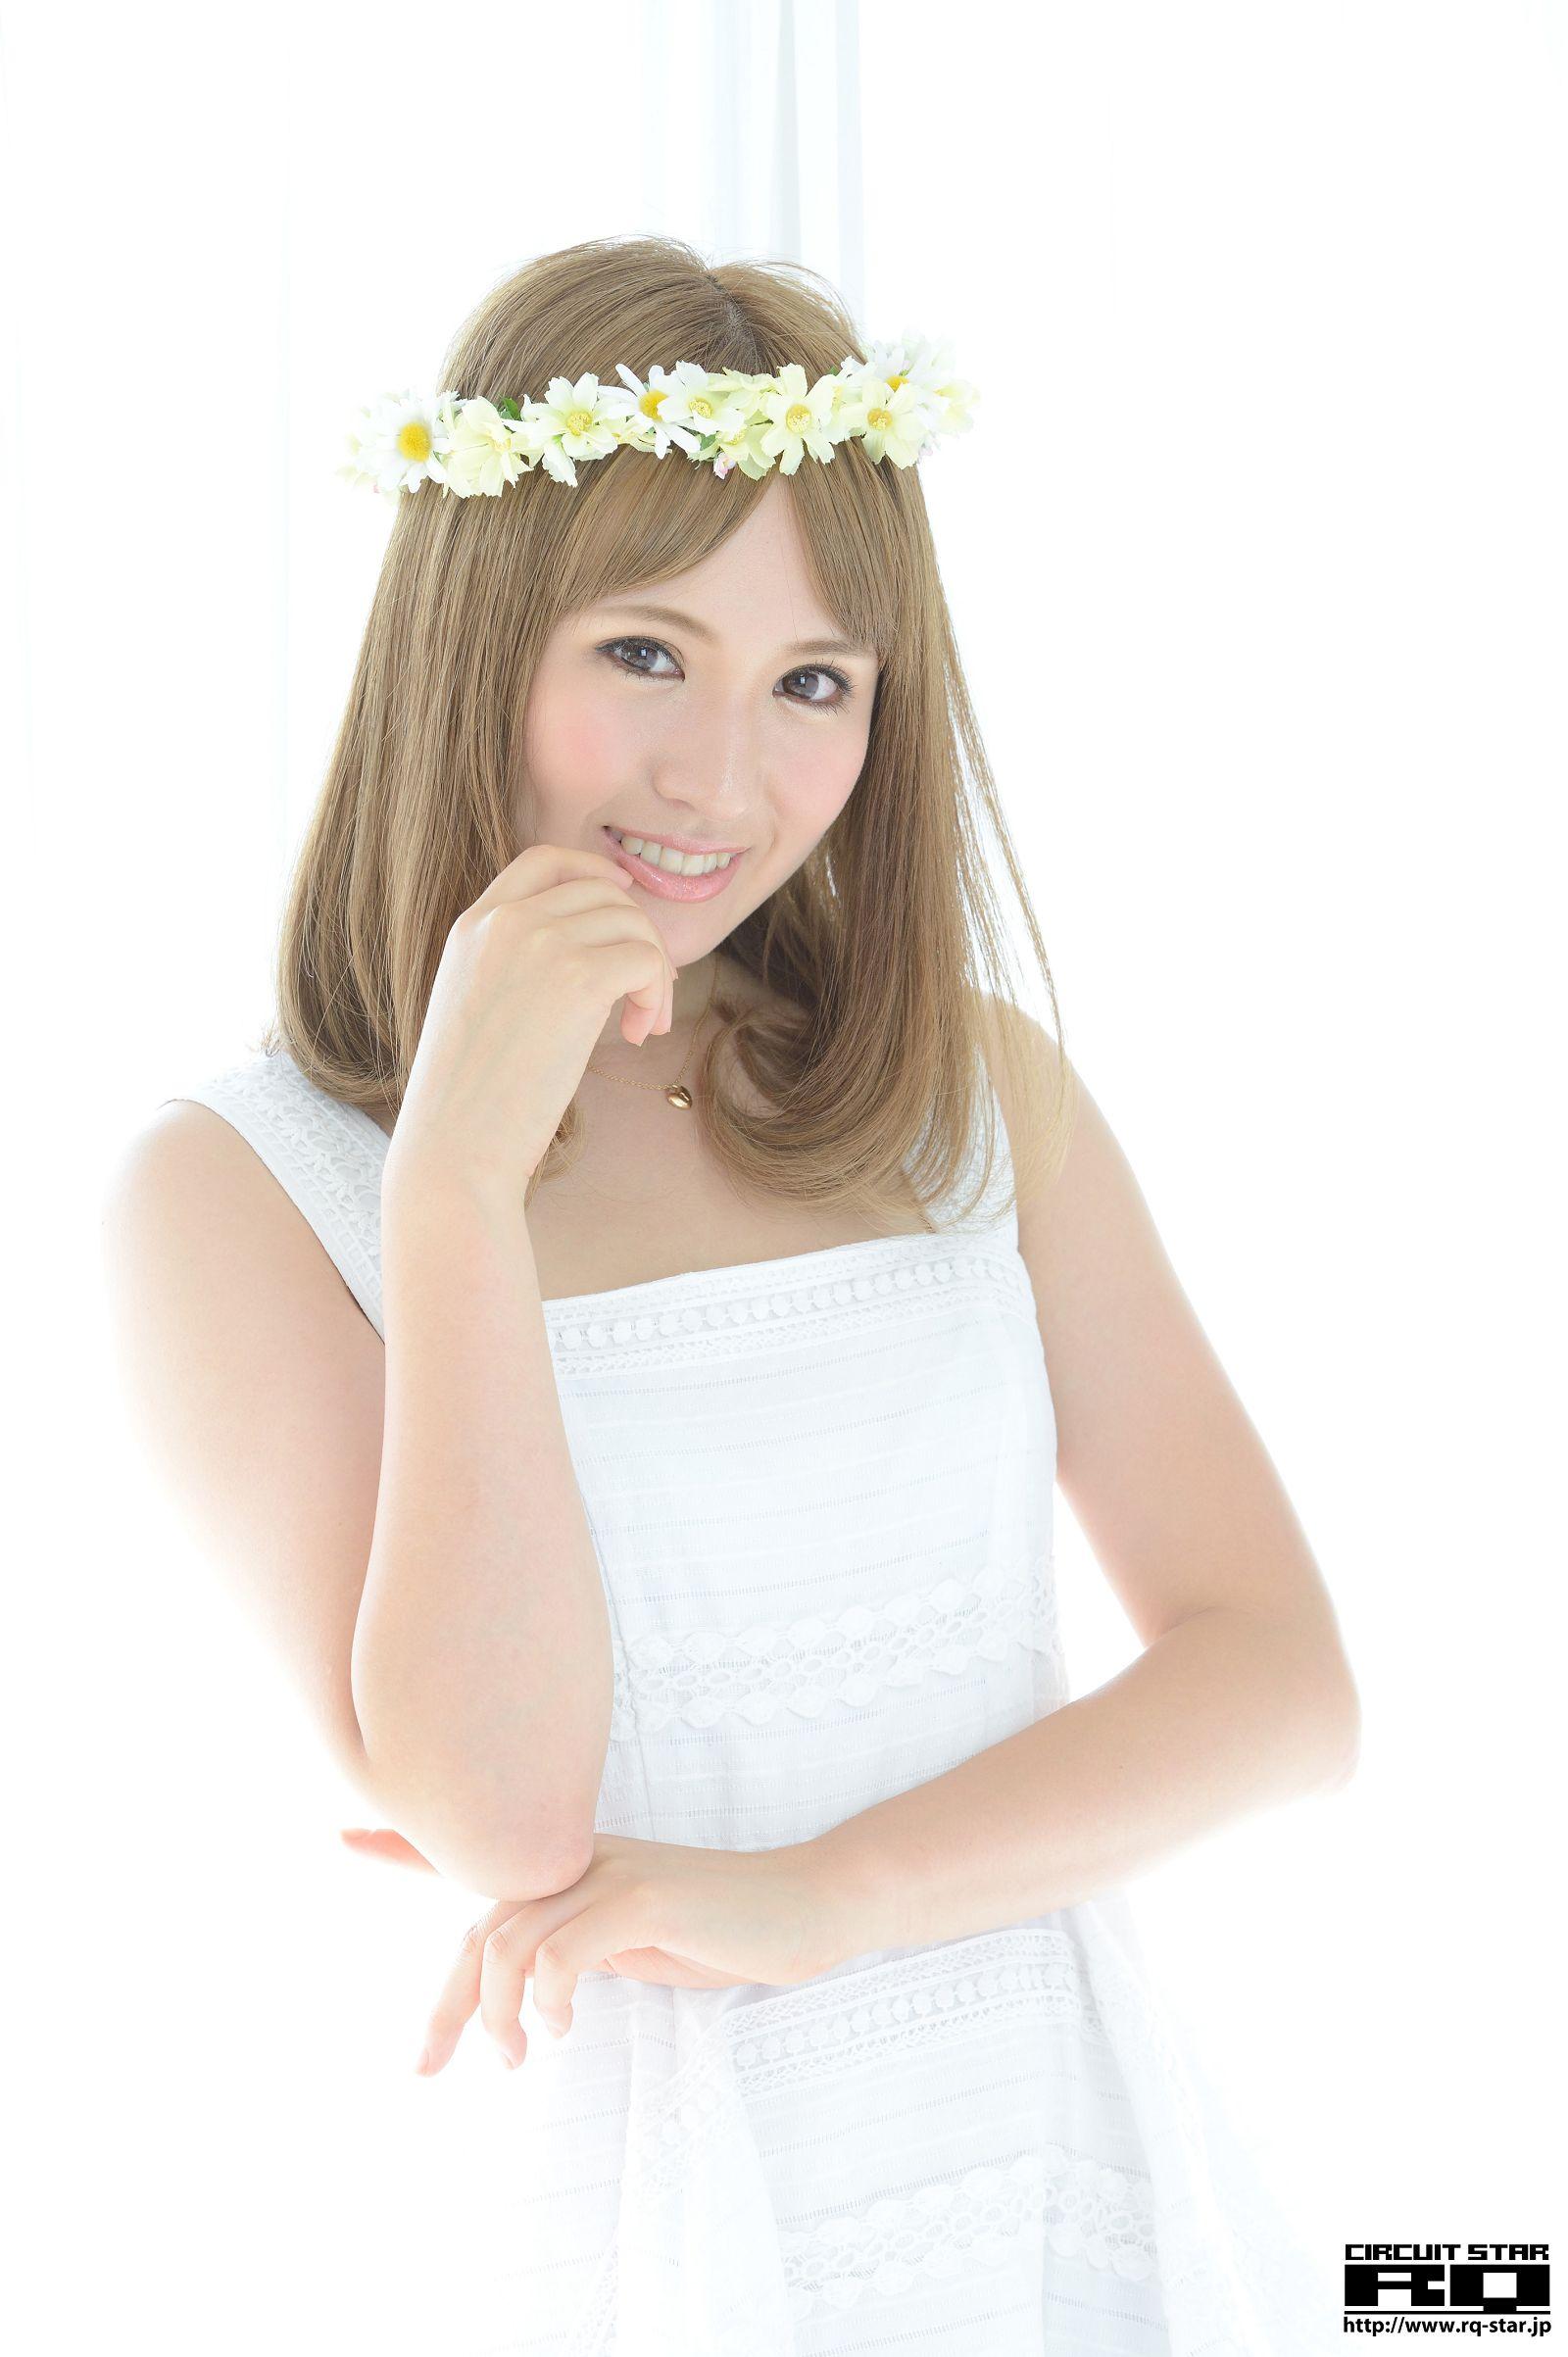 [RQ STAR美女] NO.00934 Nozomi Misaki 心咲のぞみ Room Wear[58P] RQ STAR 第4张